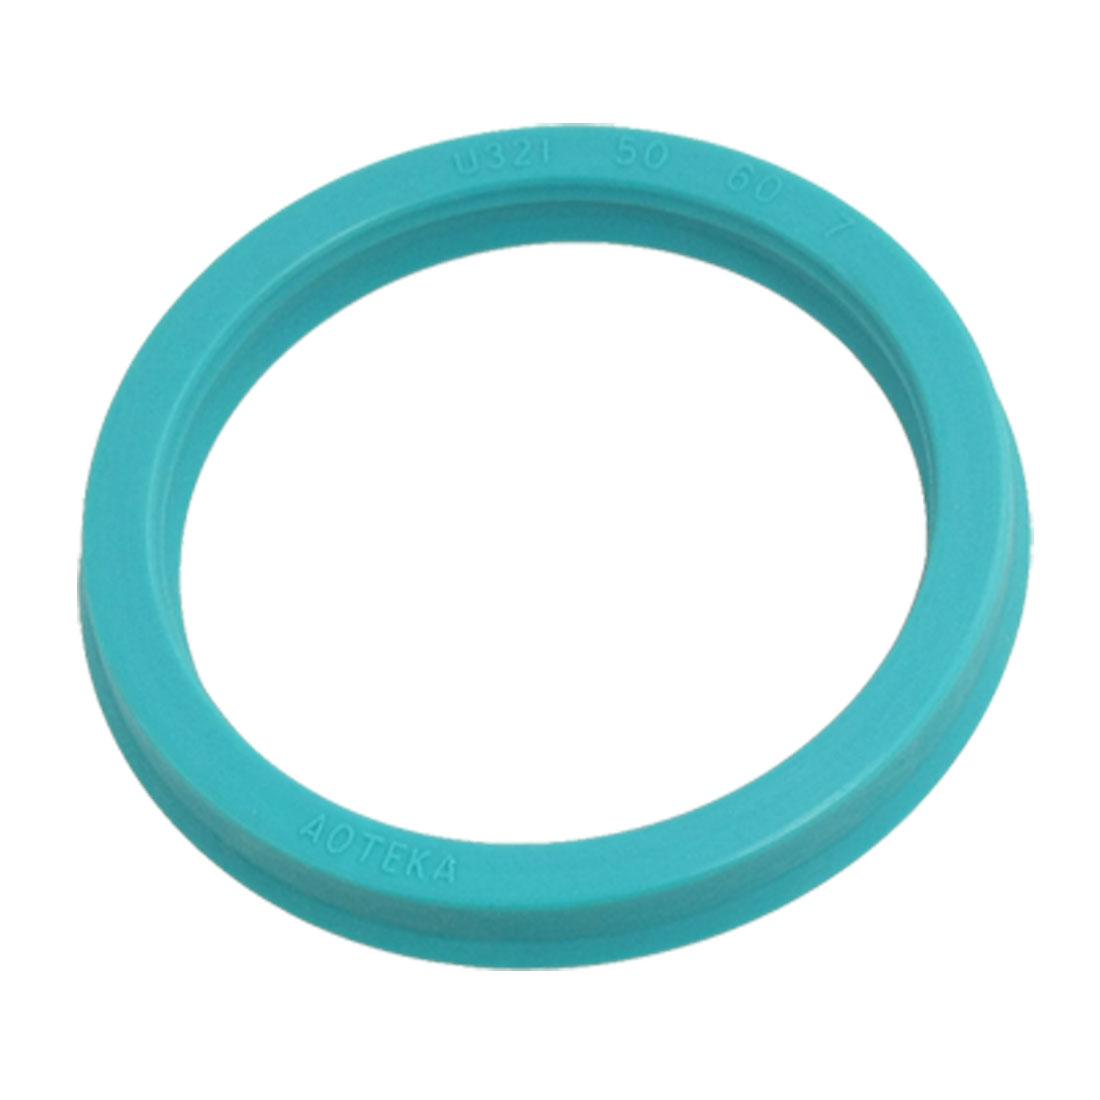 """Cyan Blue Polyurethane PU 1.97"""" x 2.36"""" x 0.27"""" Oil Seal Ring U32i"""